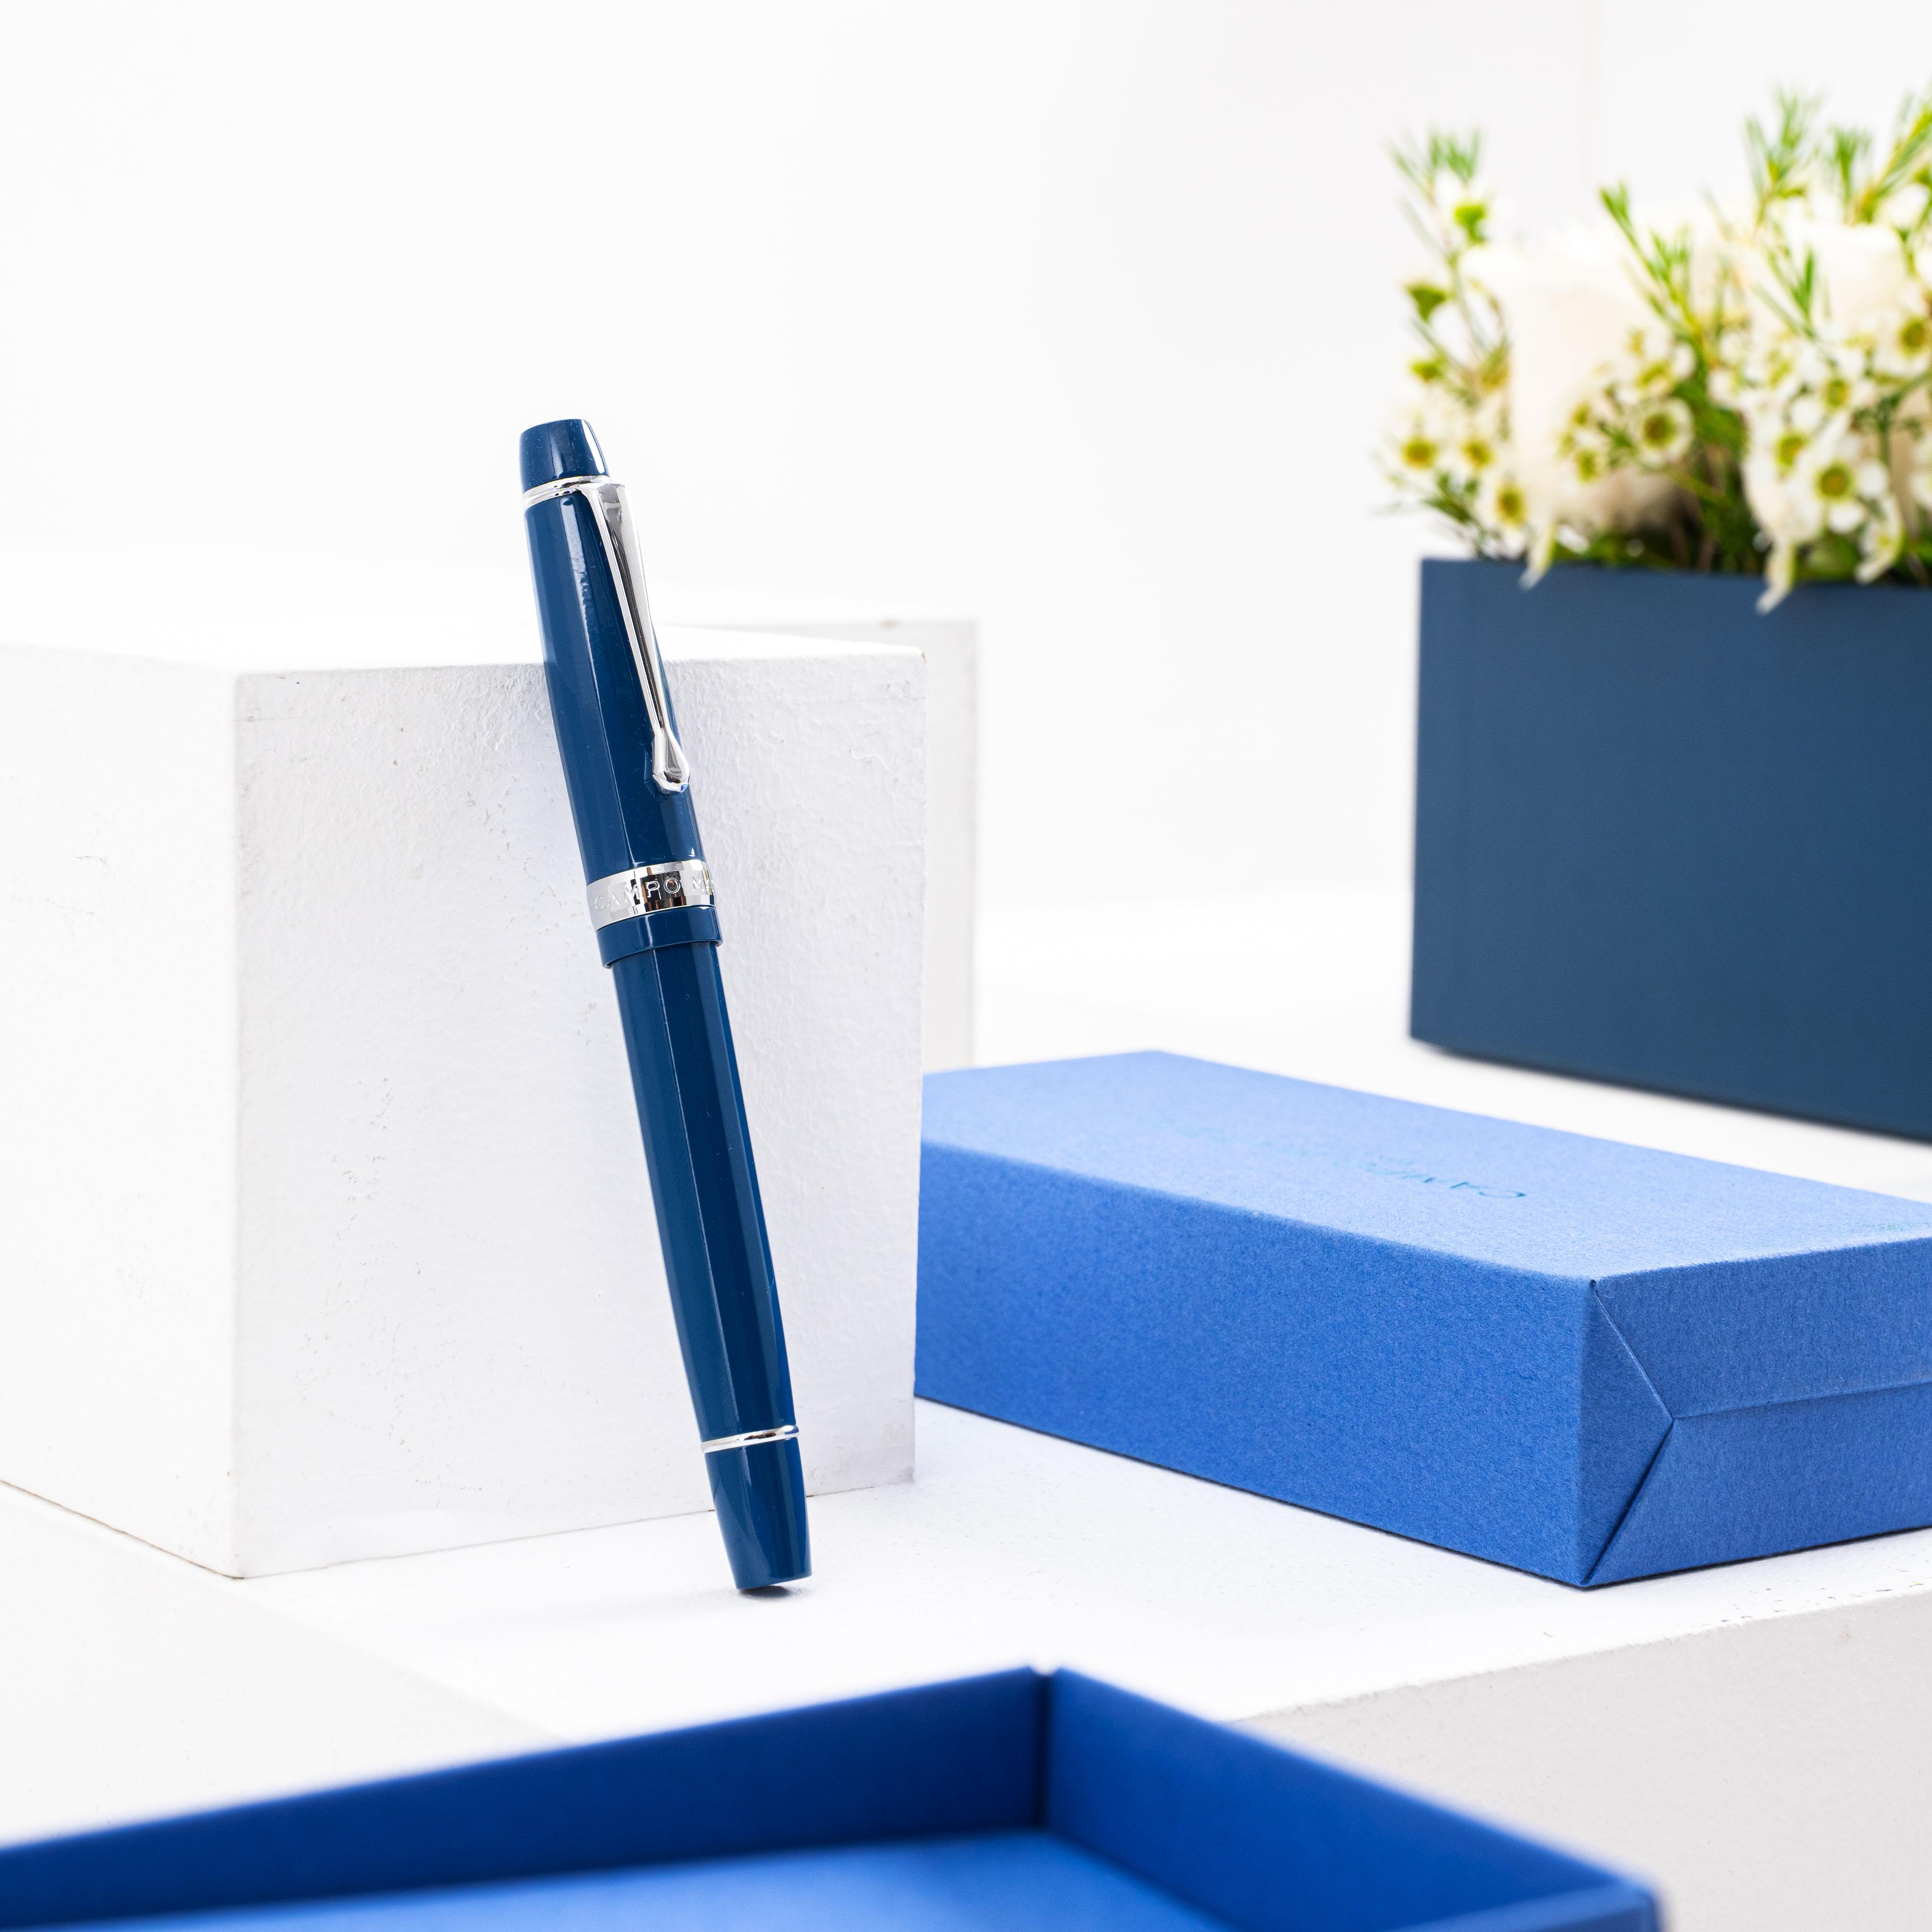 القلم ايليت رولرمن كامبو مارزيو